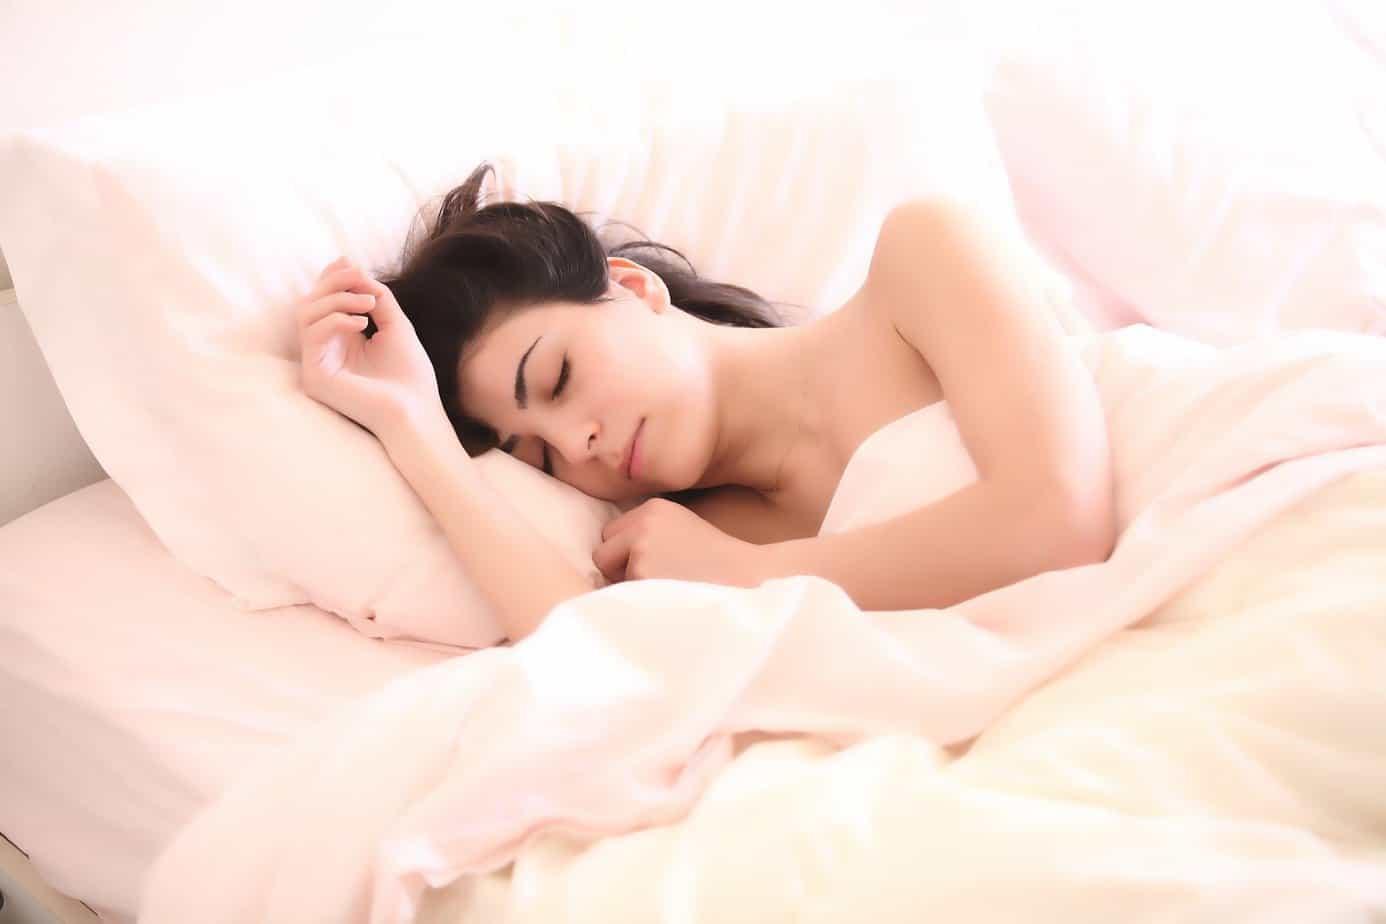 La couverture lestée pour le sommeil et l'anxiété : comment cela fonctionne